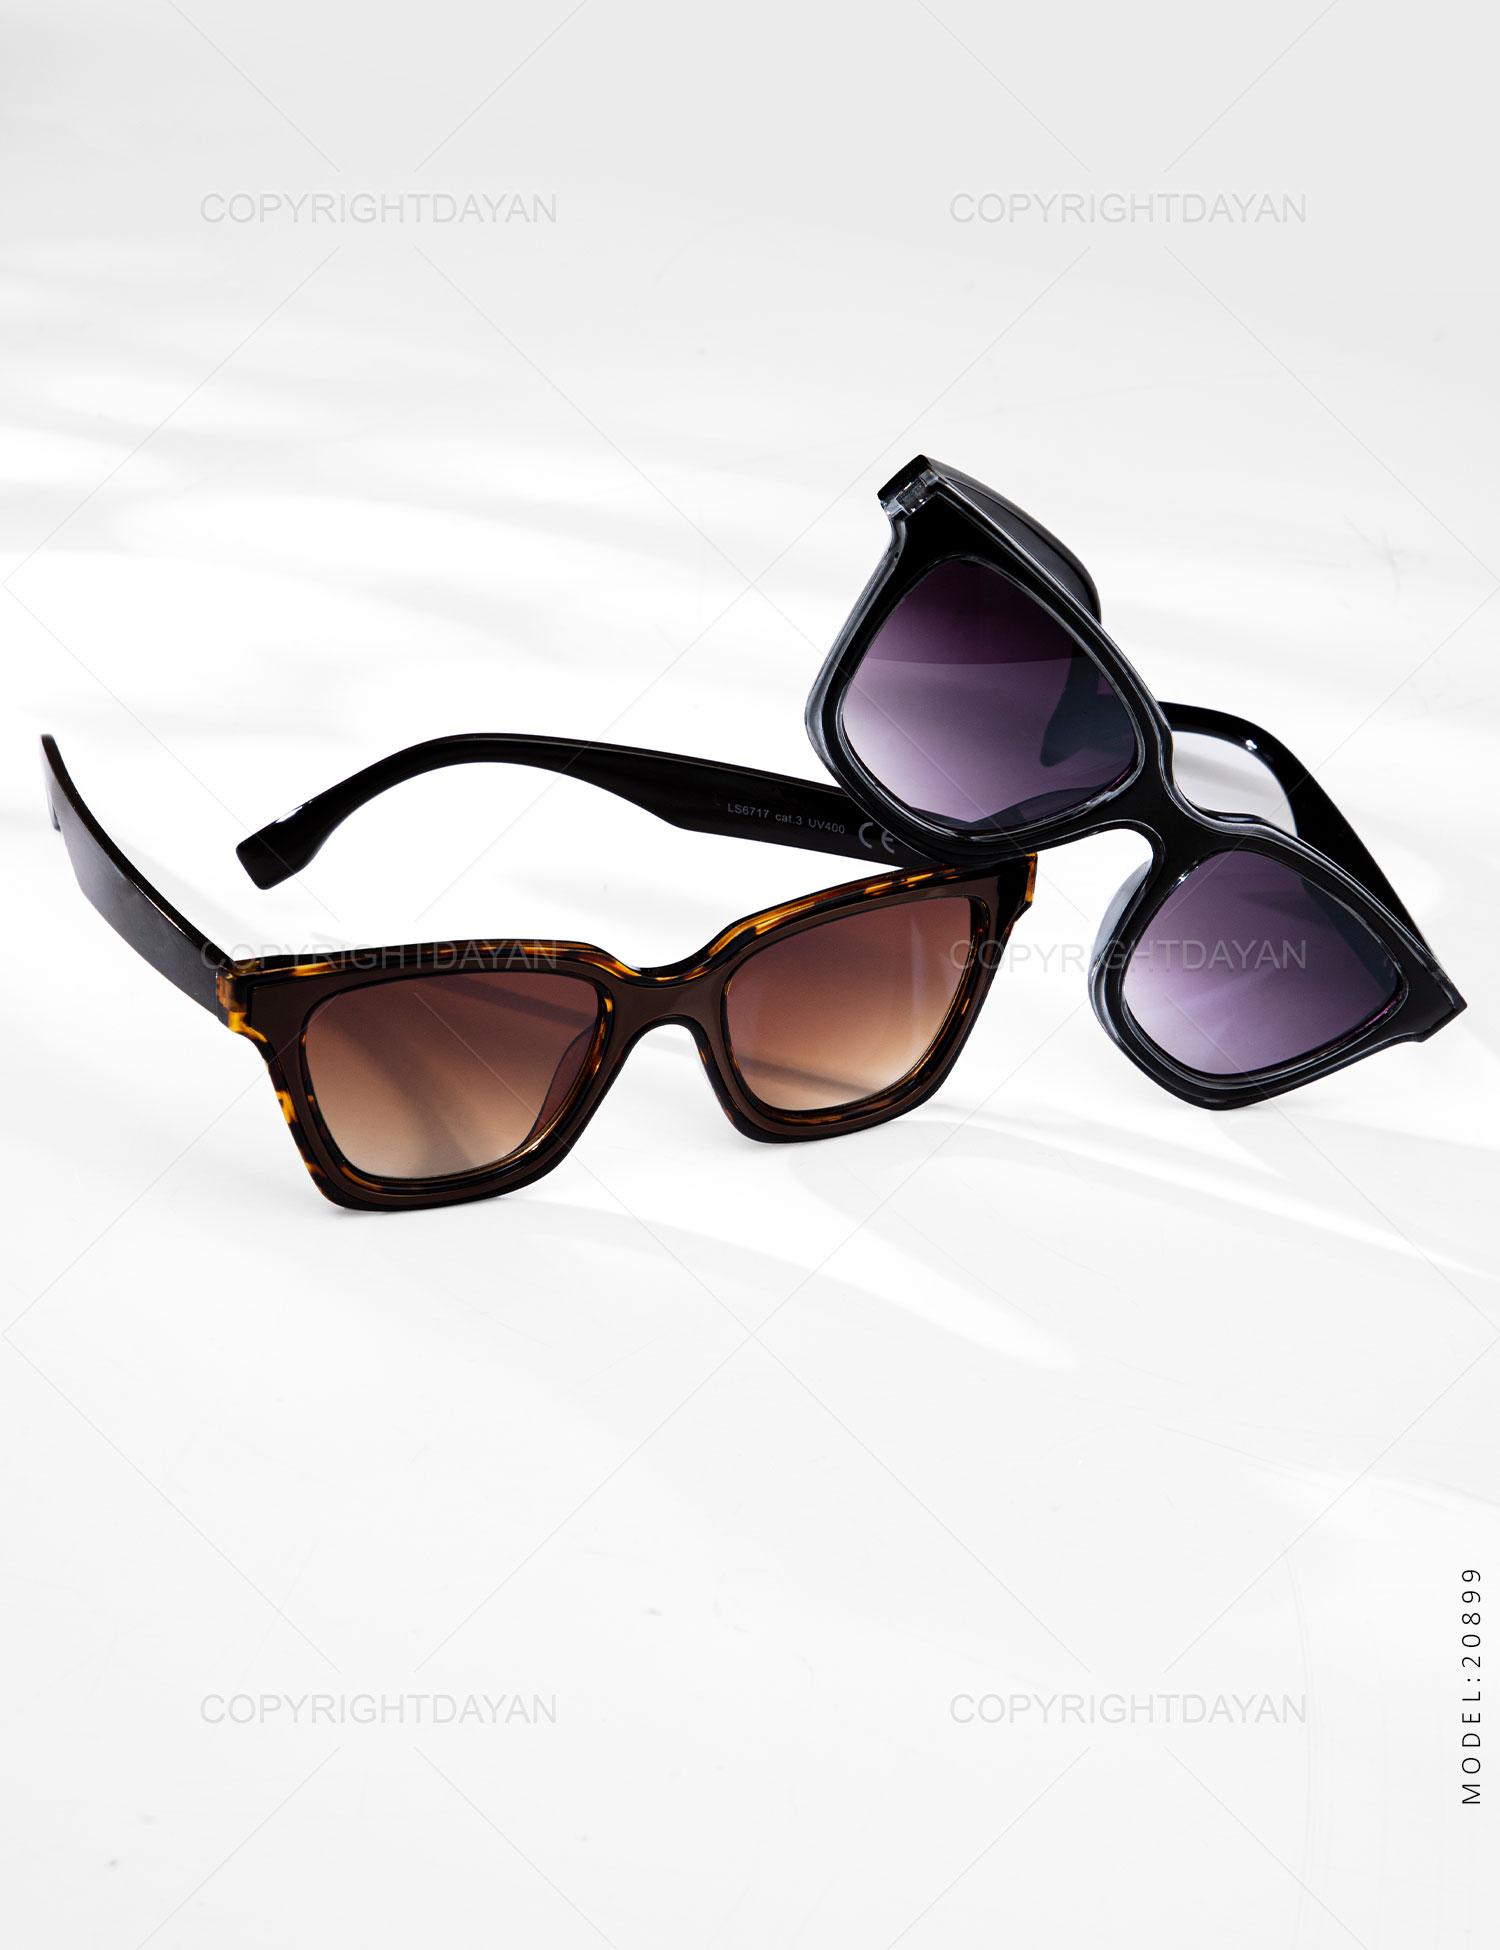 عینک آفتابی زنانه Nika مدل 20899 عینک آفتابی زنانه Nika مدل 20899 89,000 تومان